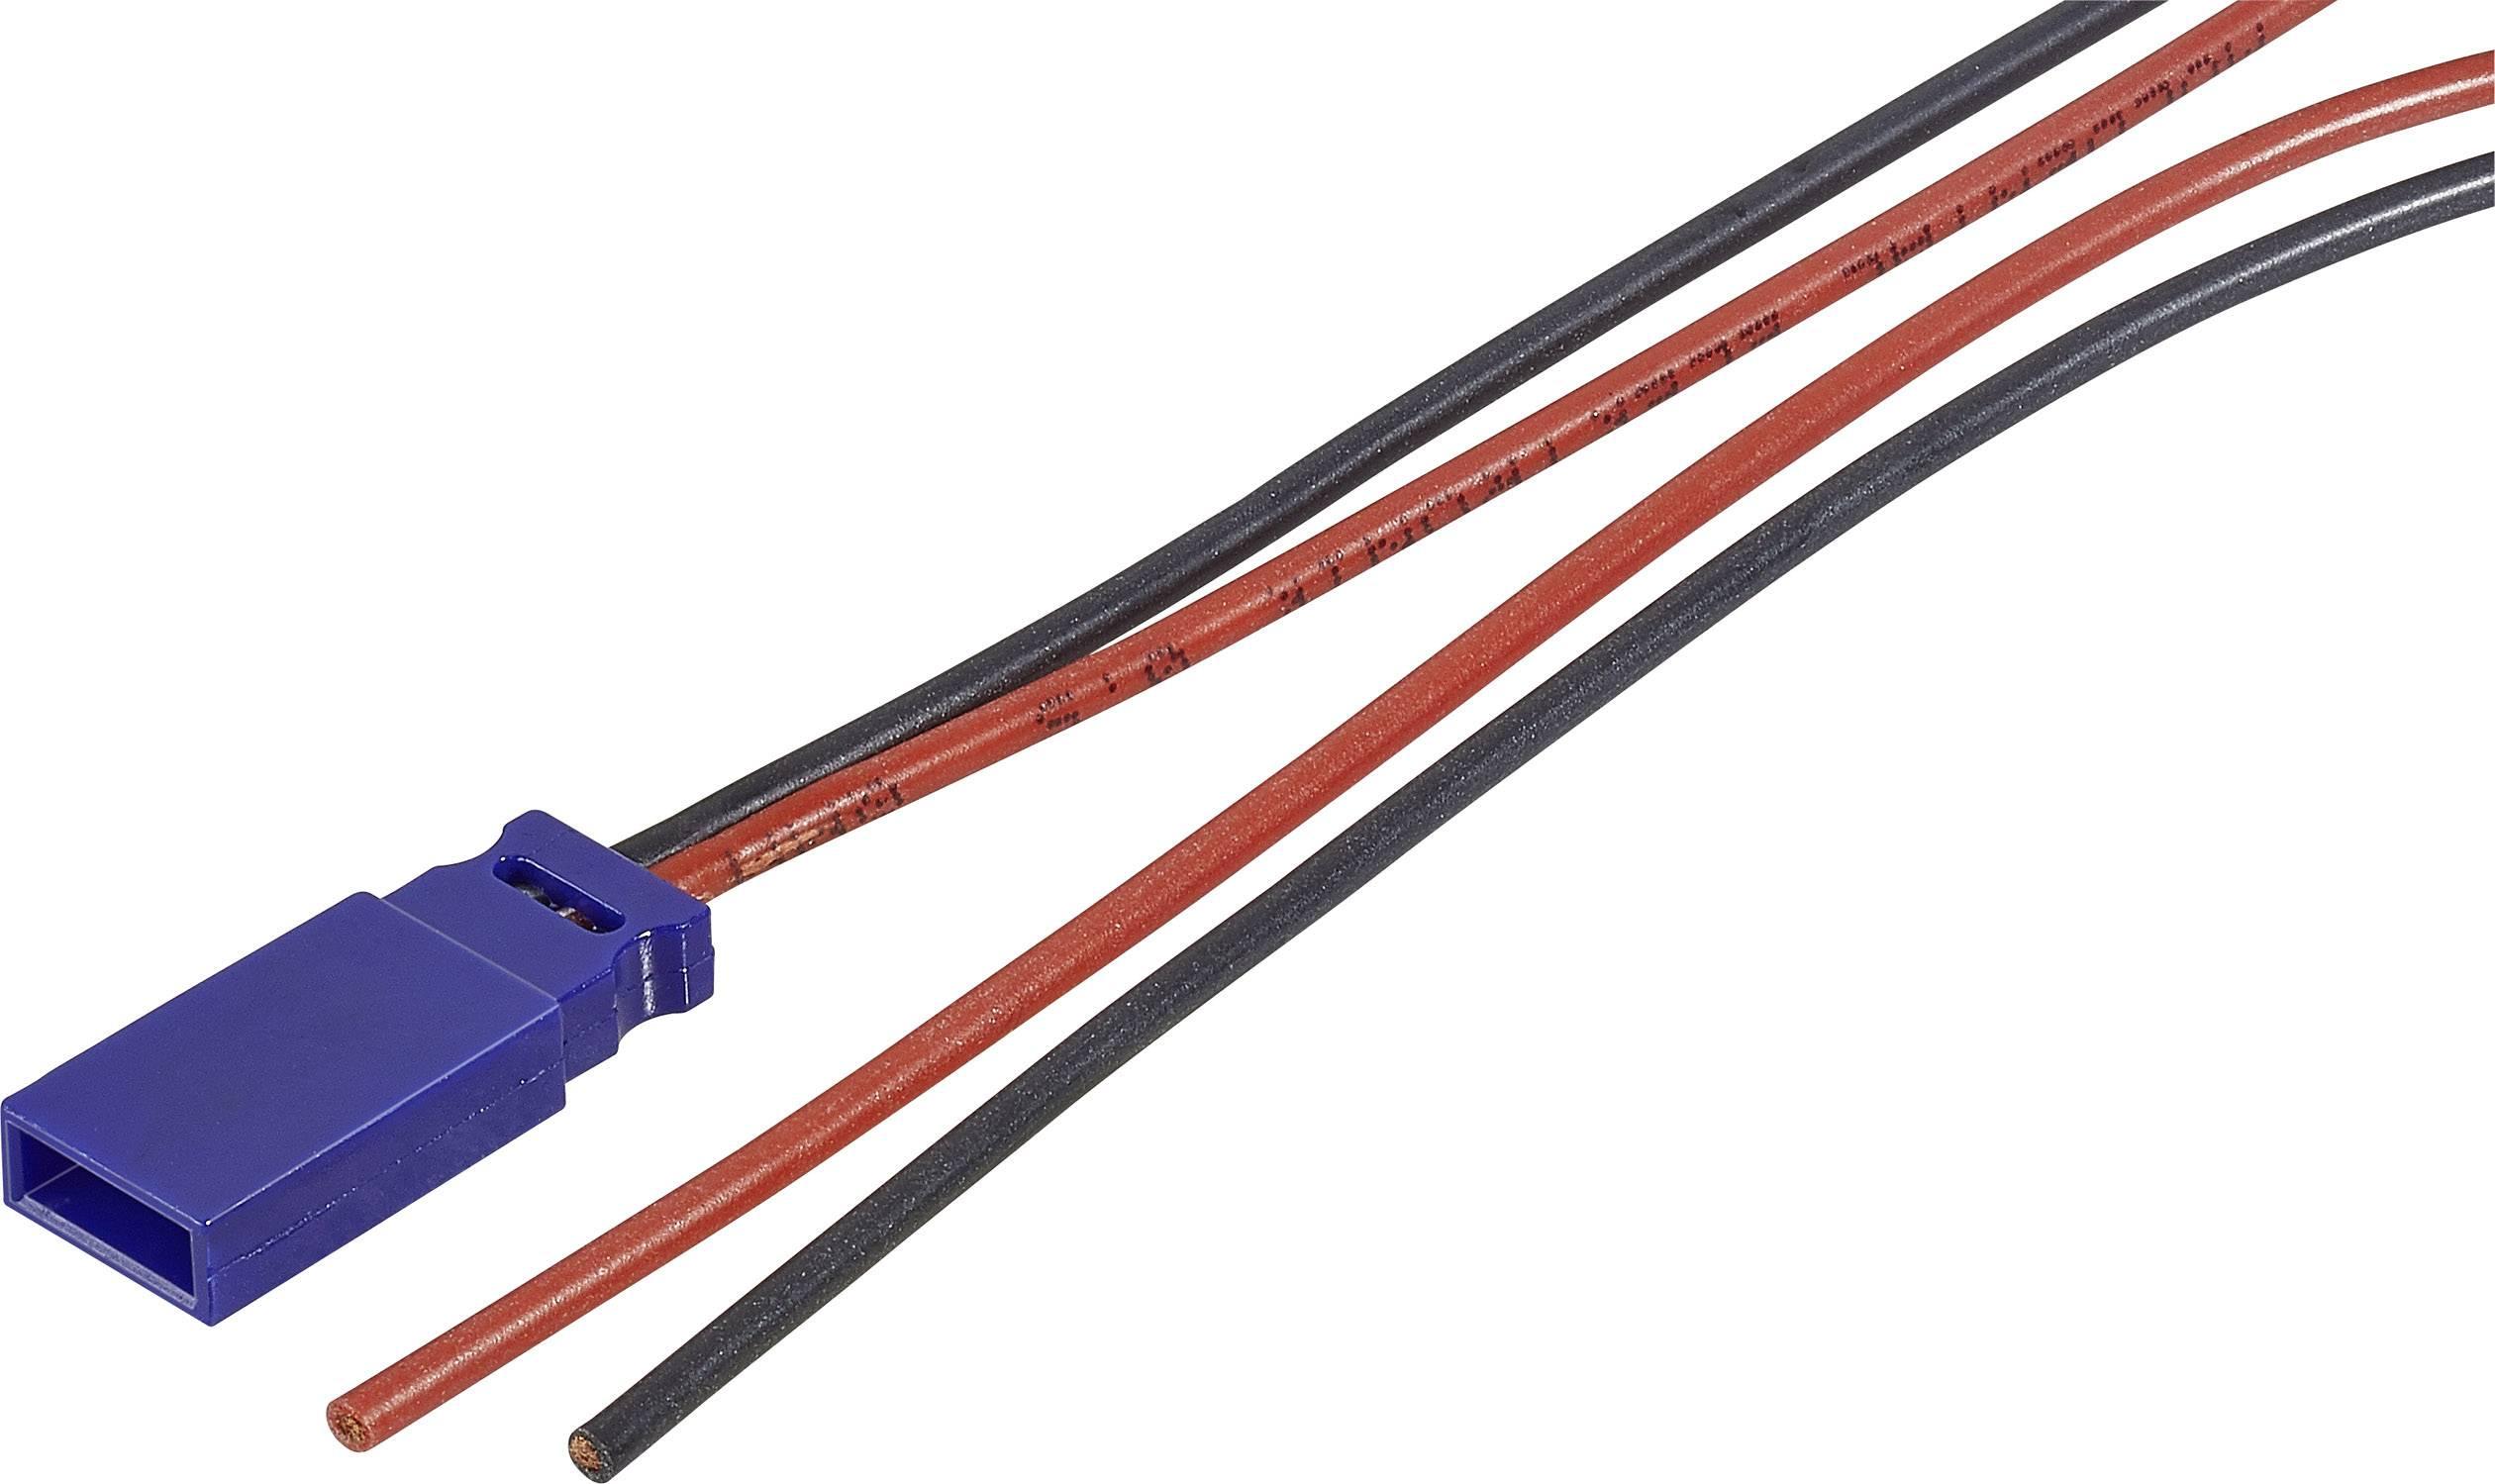 Napájecí kabel Modelcraft, JR zásuvka, 300 mm, 0,5 mm²